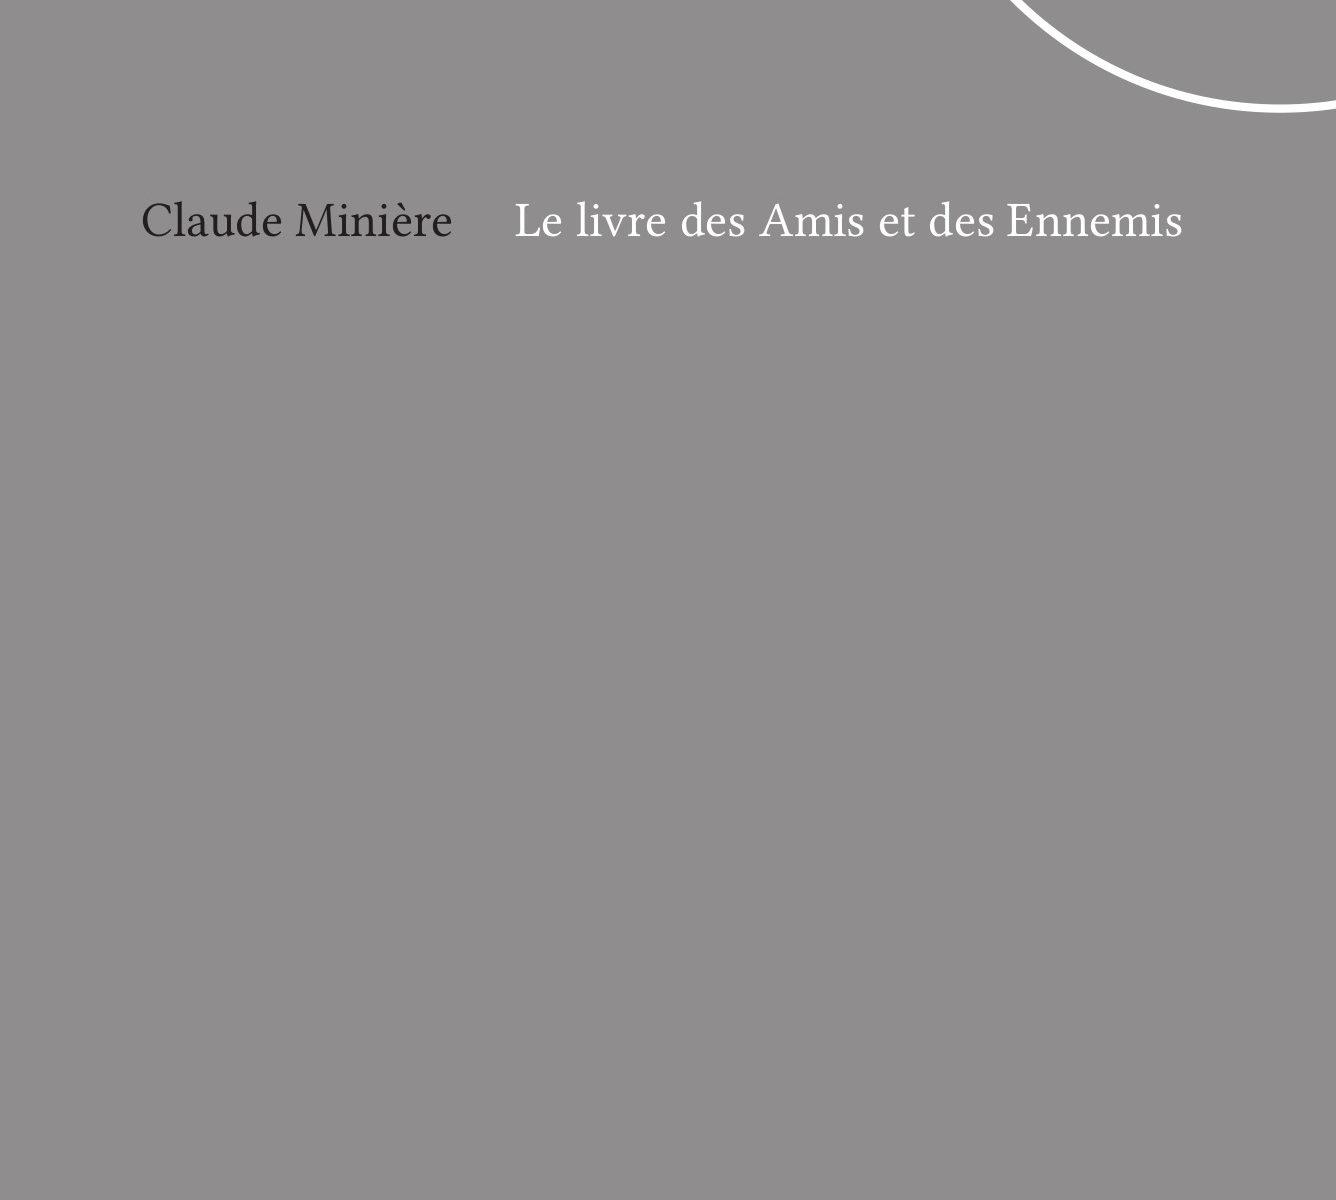 Le Livre des Amis et des Ennemis suivi de Bonté et de gueules noires par Claude Minière